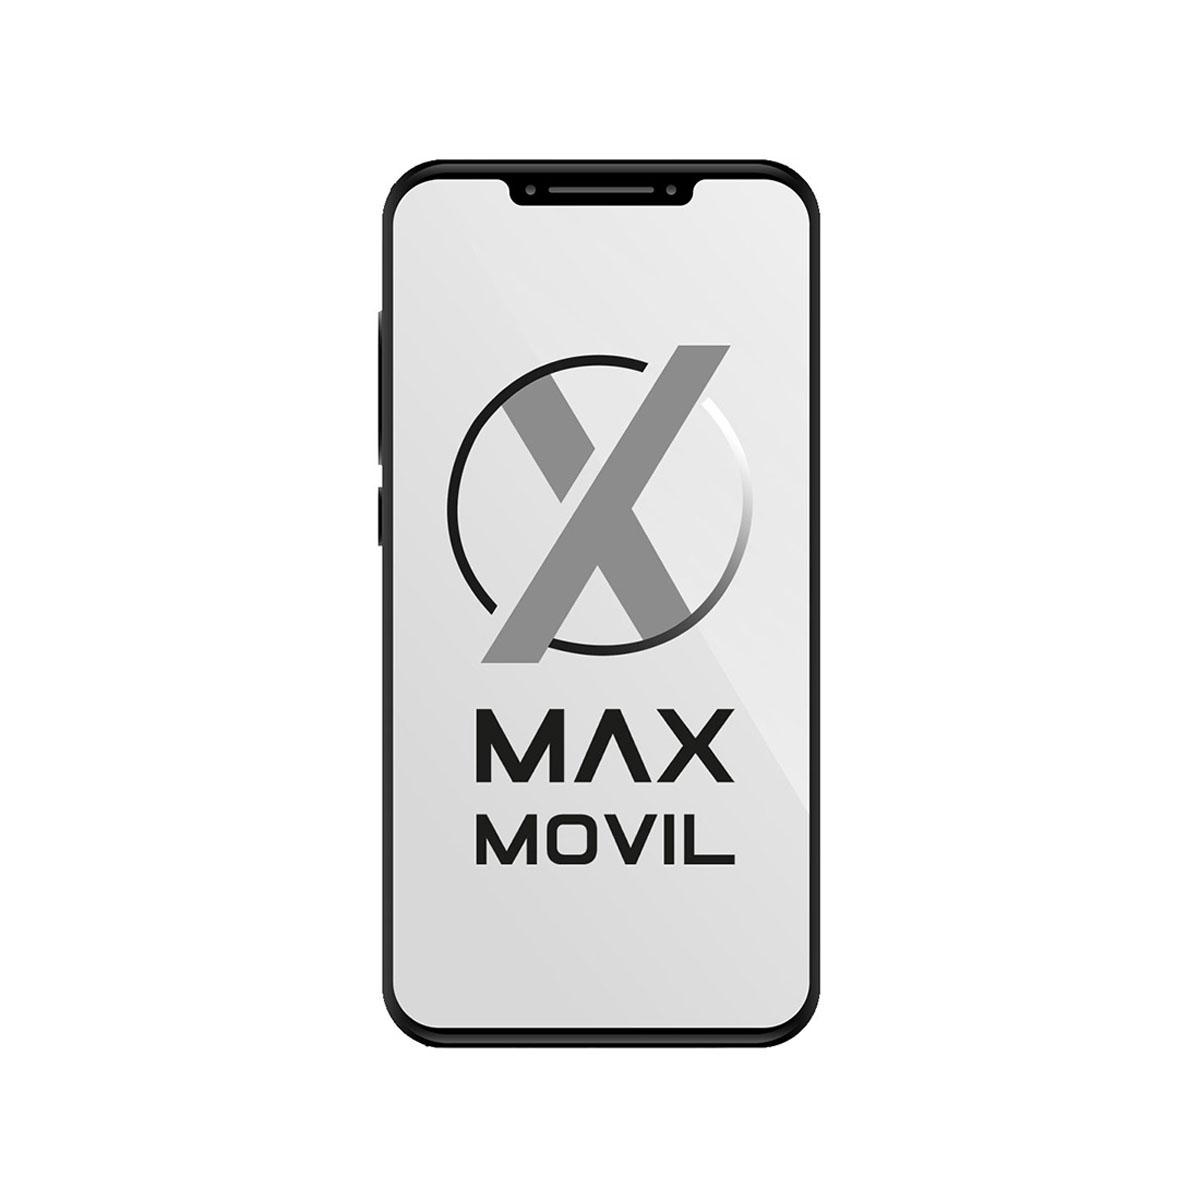 Telefono movil Ulefone Armor X2 2+16GB libre Negro